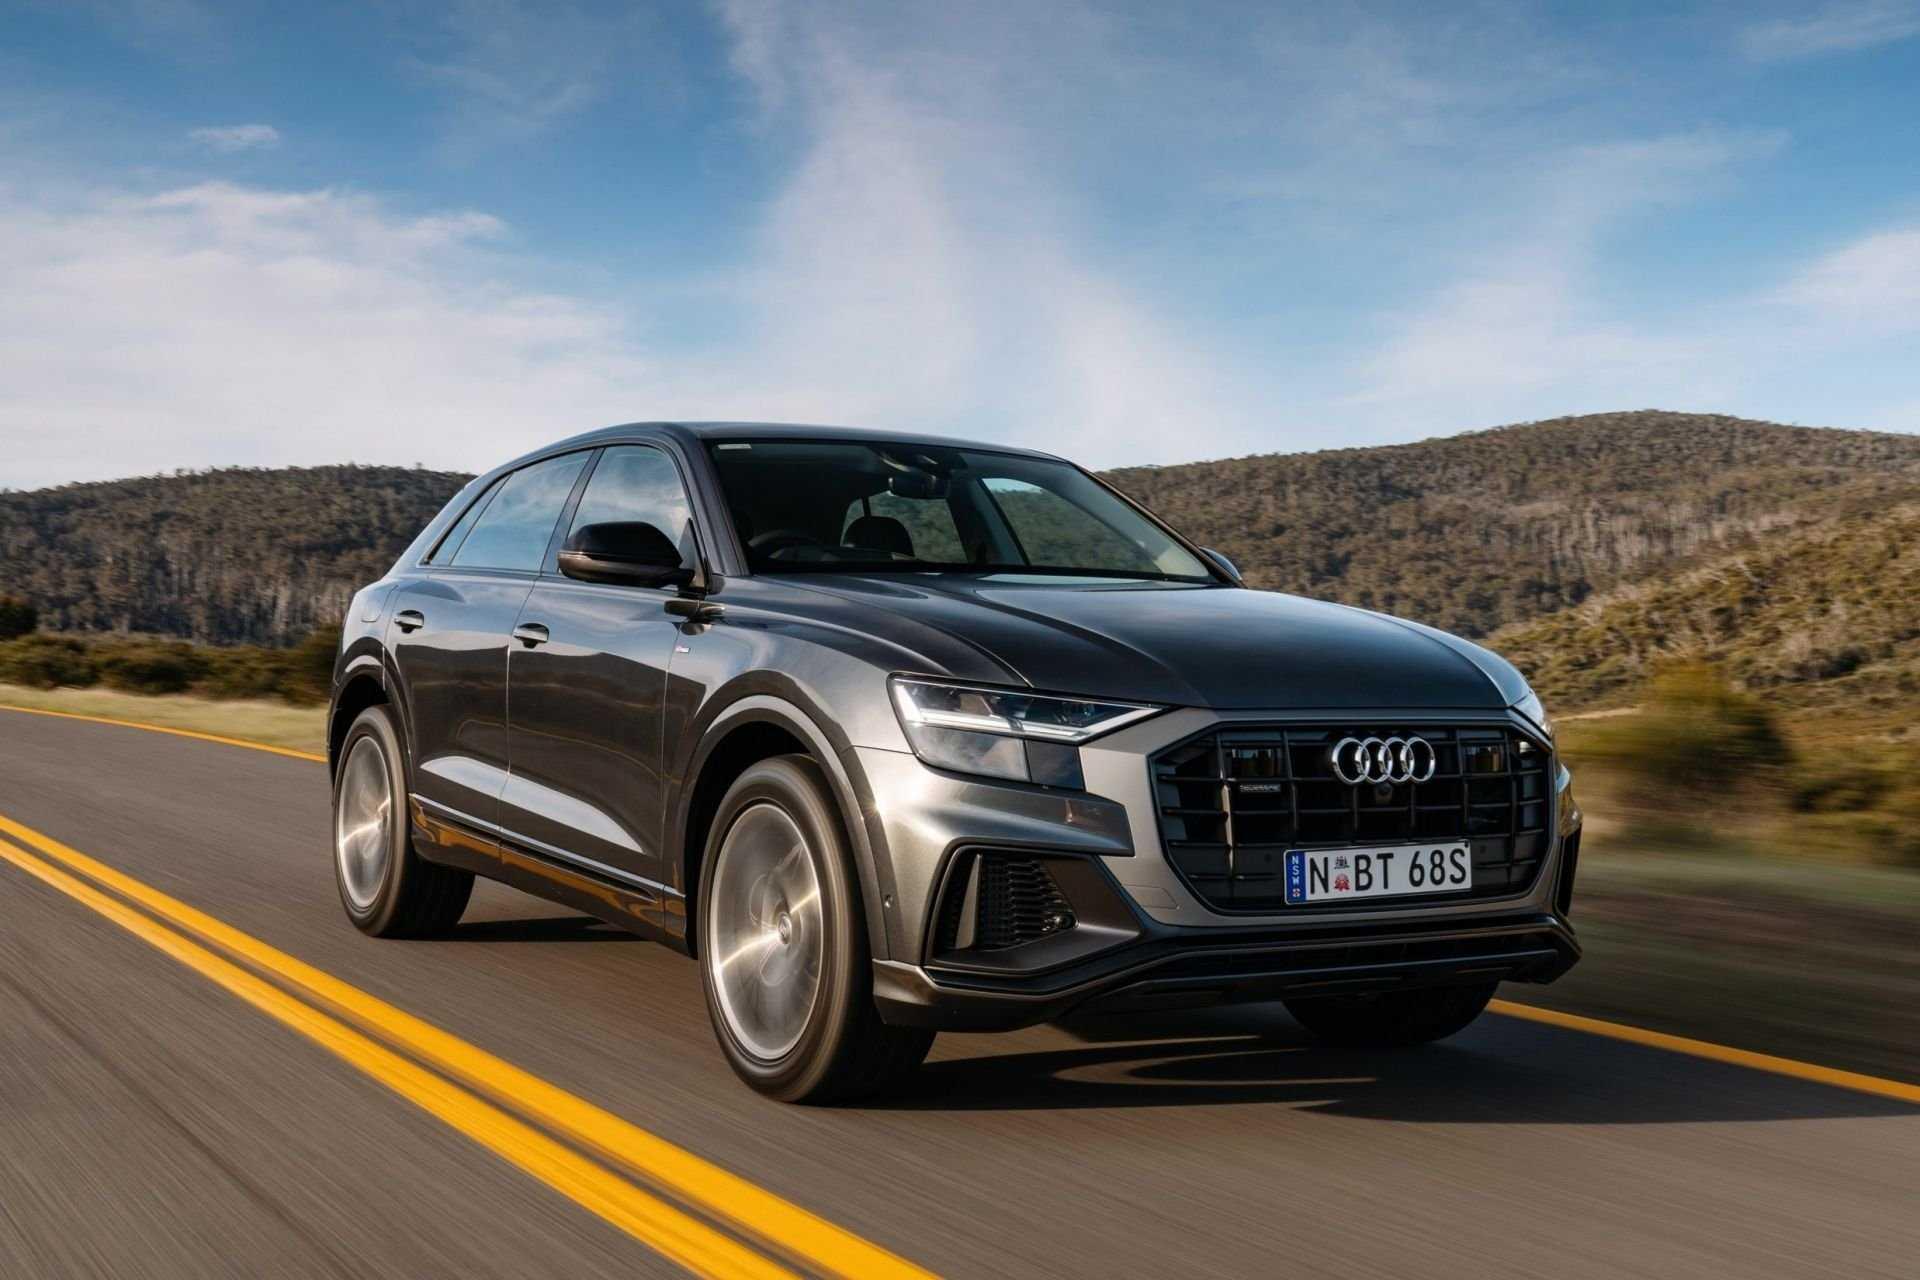 Audi r8 2019-2020 цена, технические характеристики, фото, видео тест-драйв